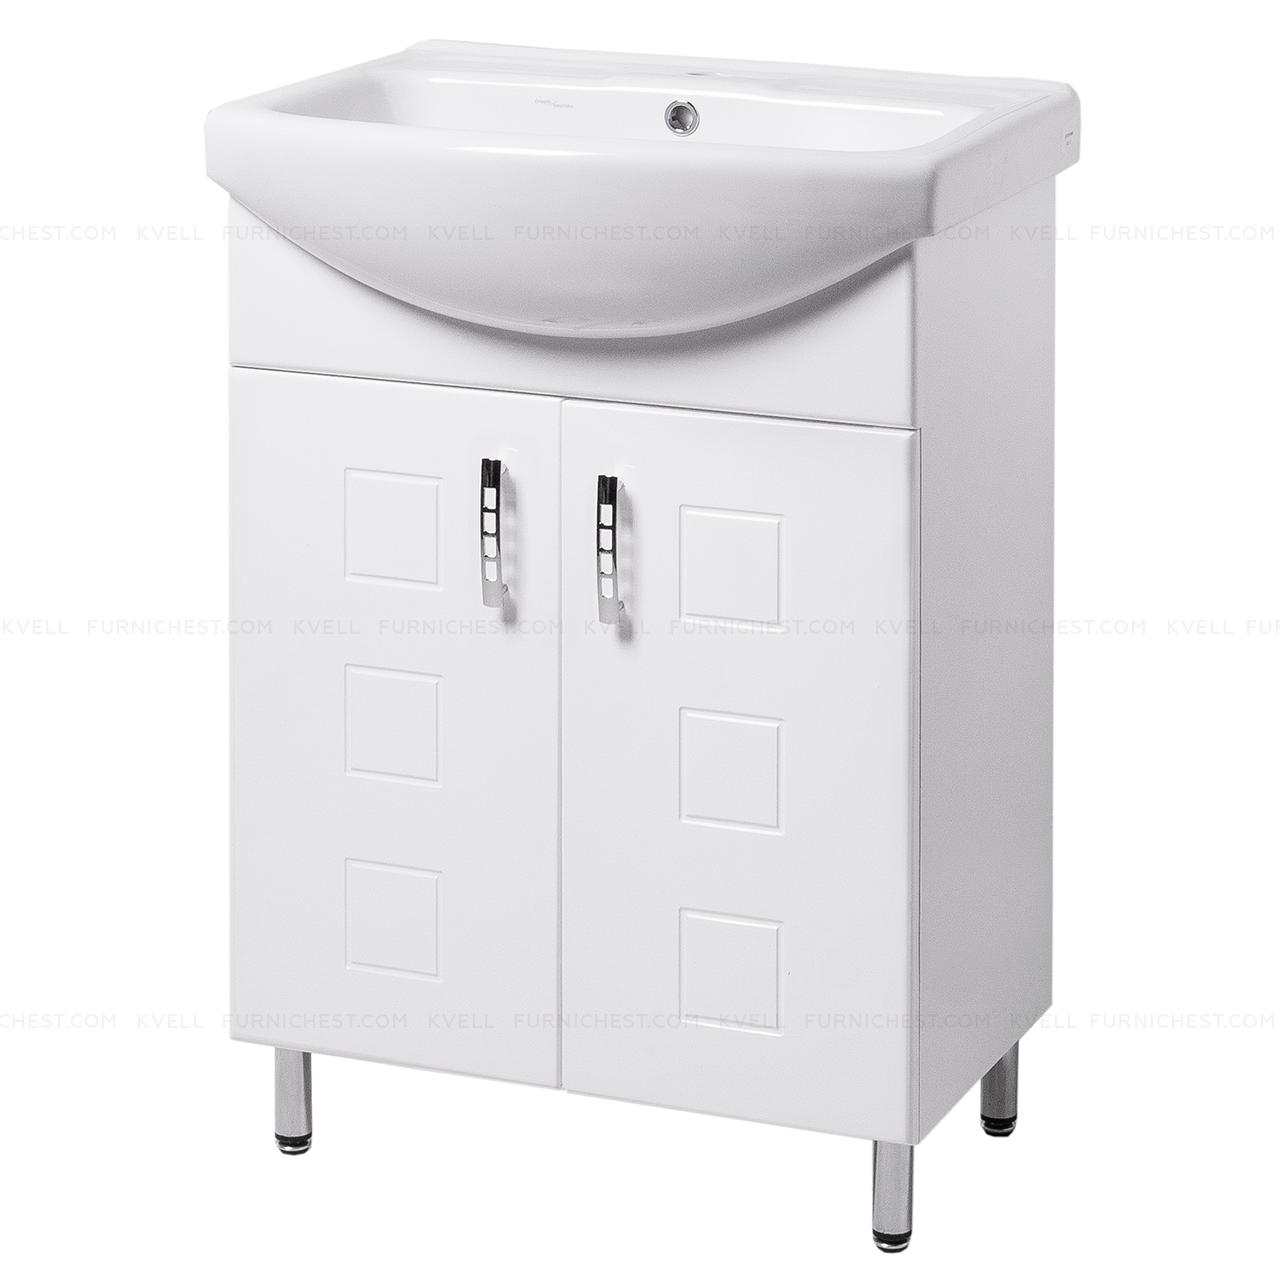 Тумба под раковину для ванной комнаты на ножках КВАТРО Т1 (белая) с умывальником ИЗЕО 50